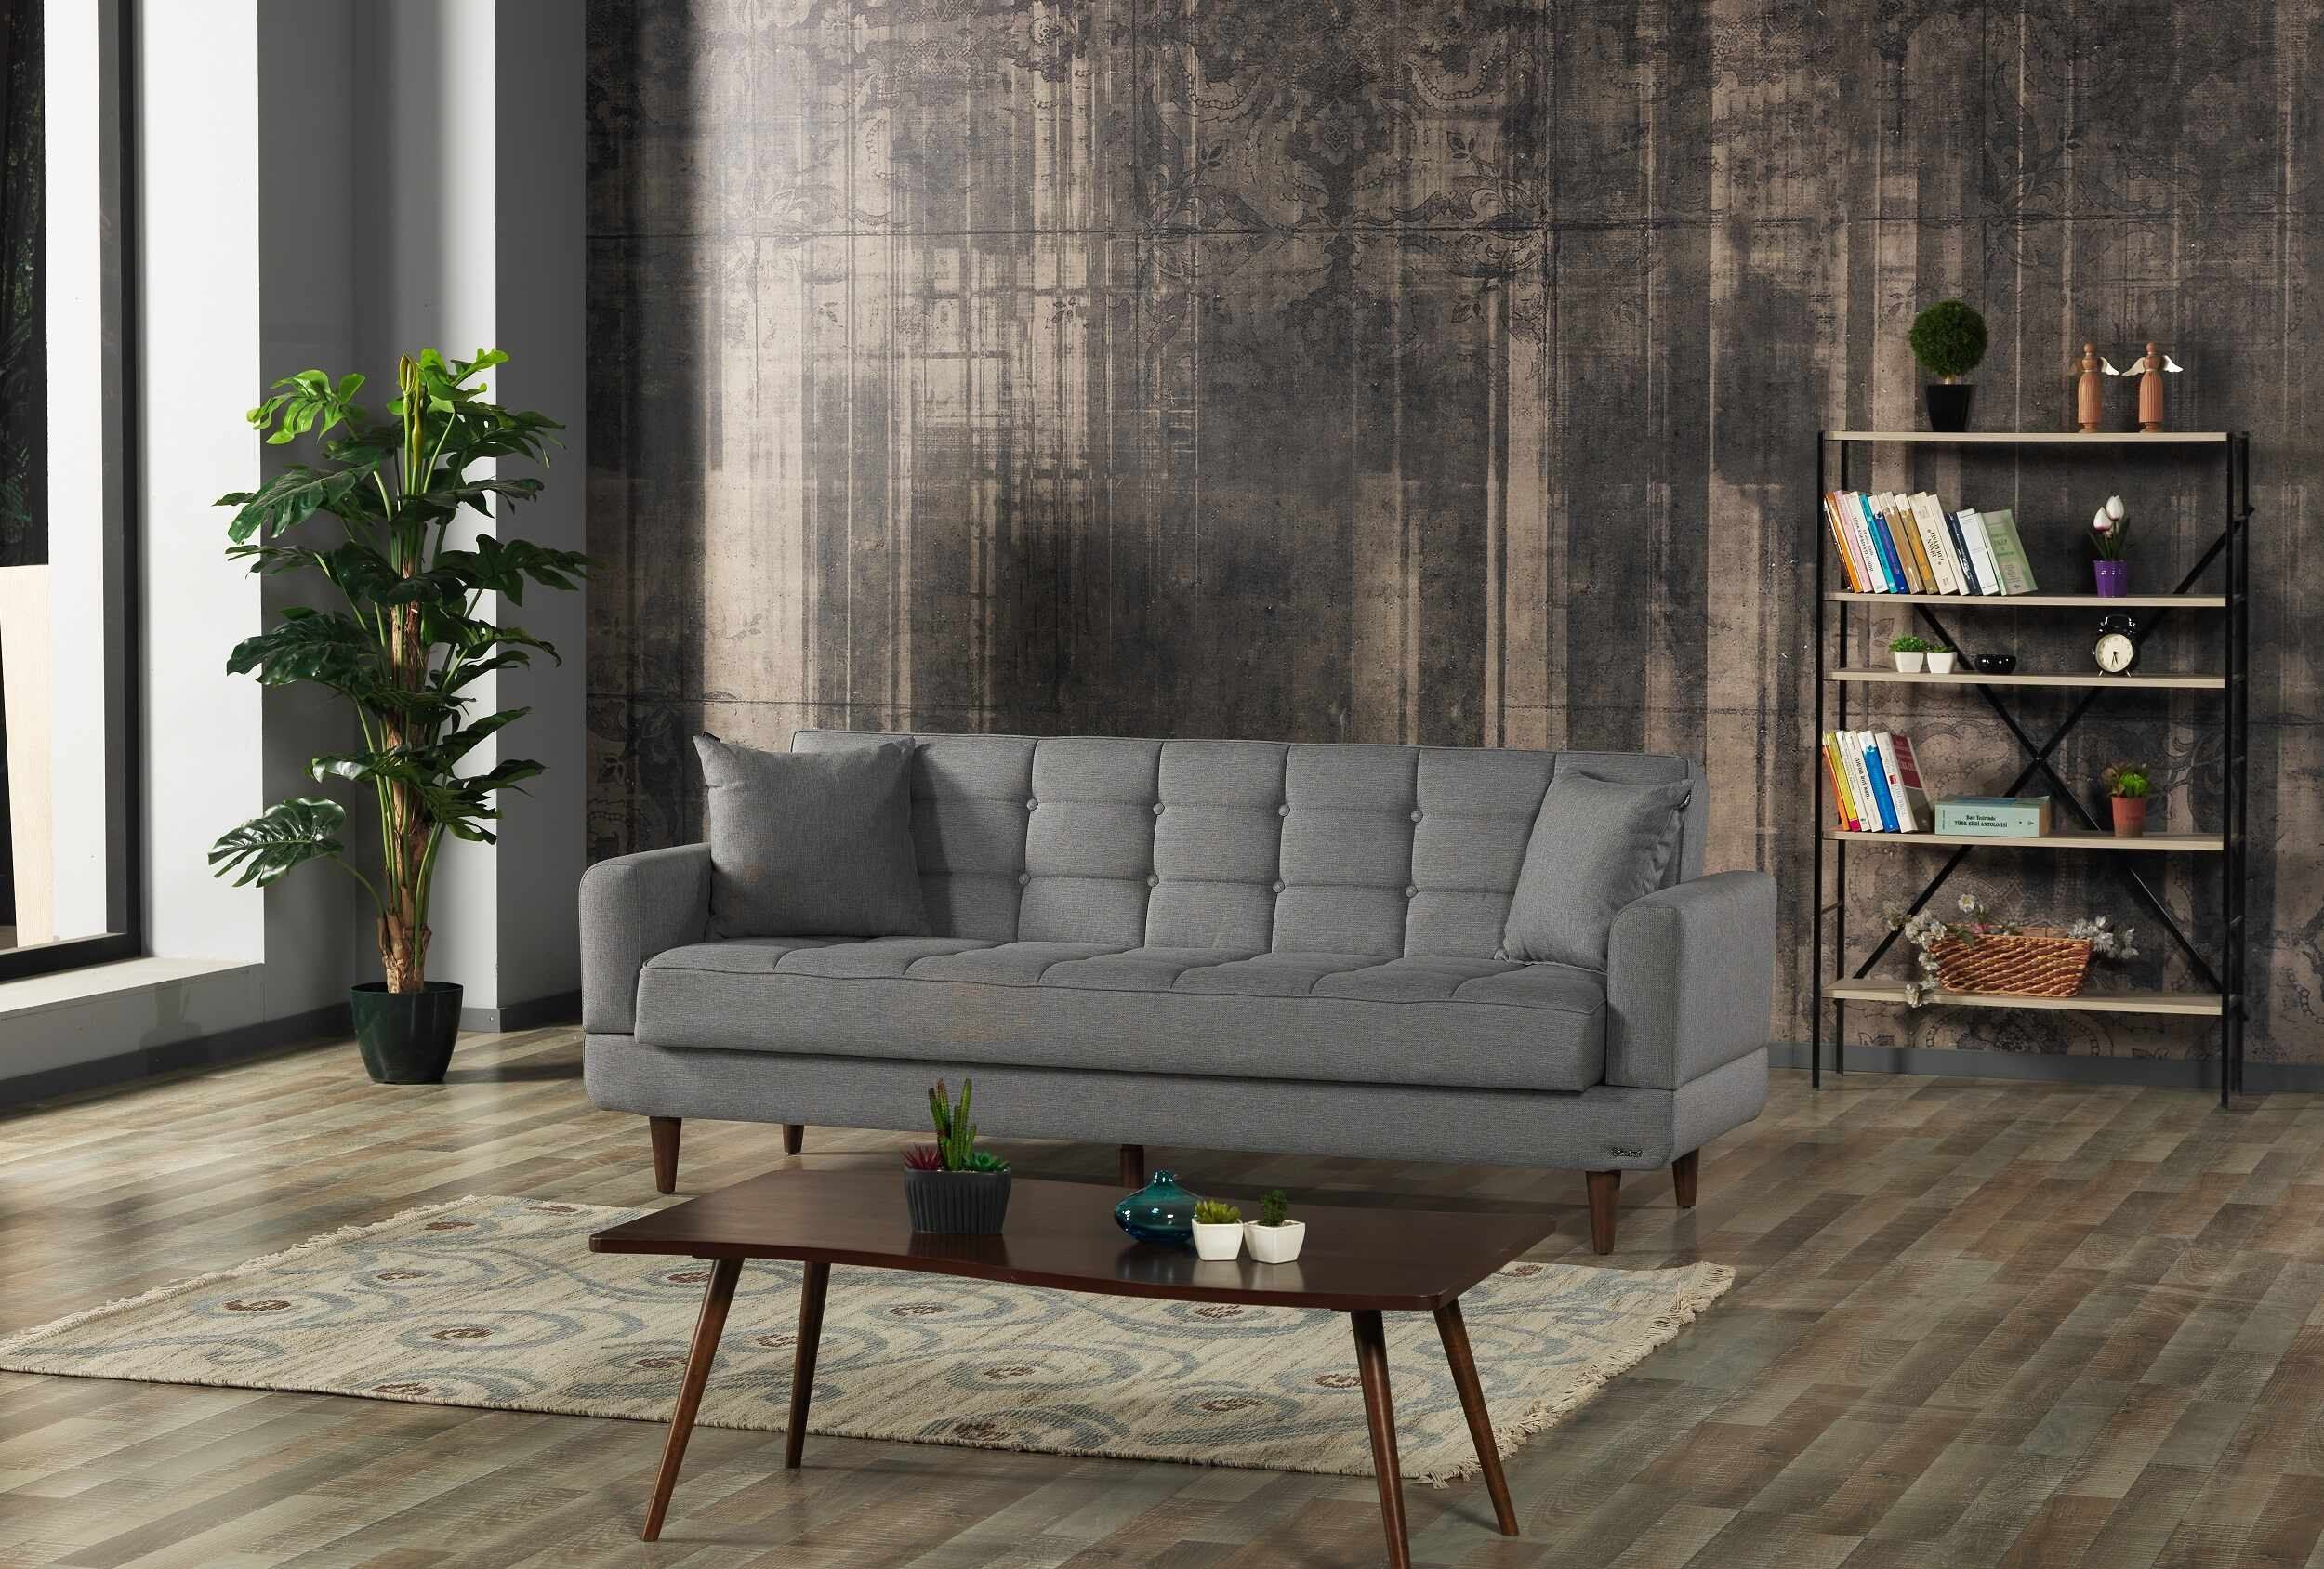 Canapea extensibila cu lada de depozitare, tapitata cu stofa 3 locuri New Jersey Gri, l220xA84xH86 cm la pret 2016 lei